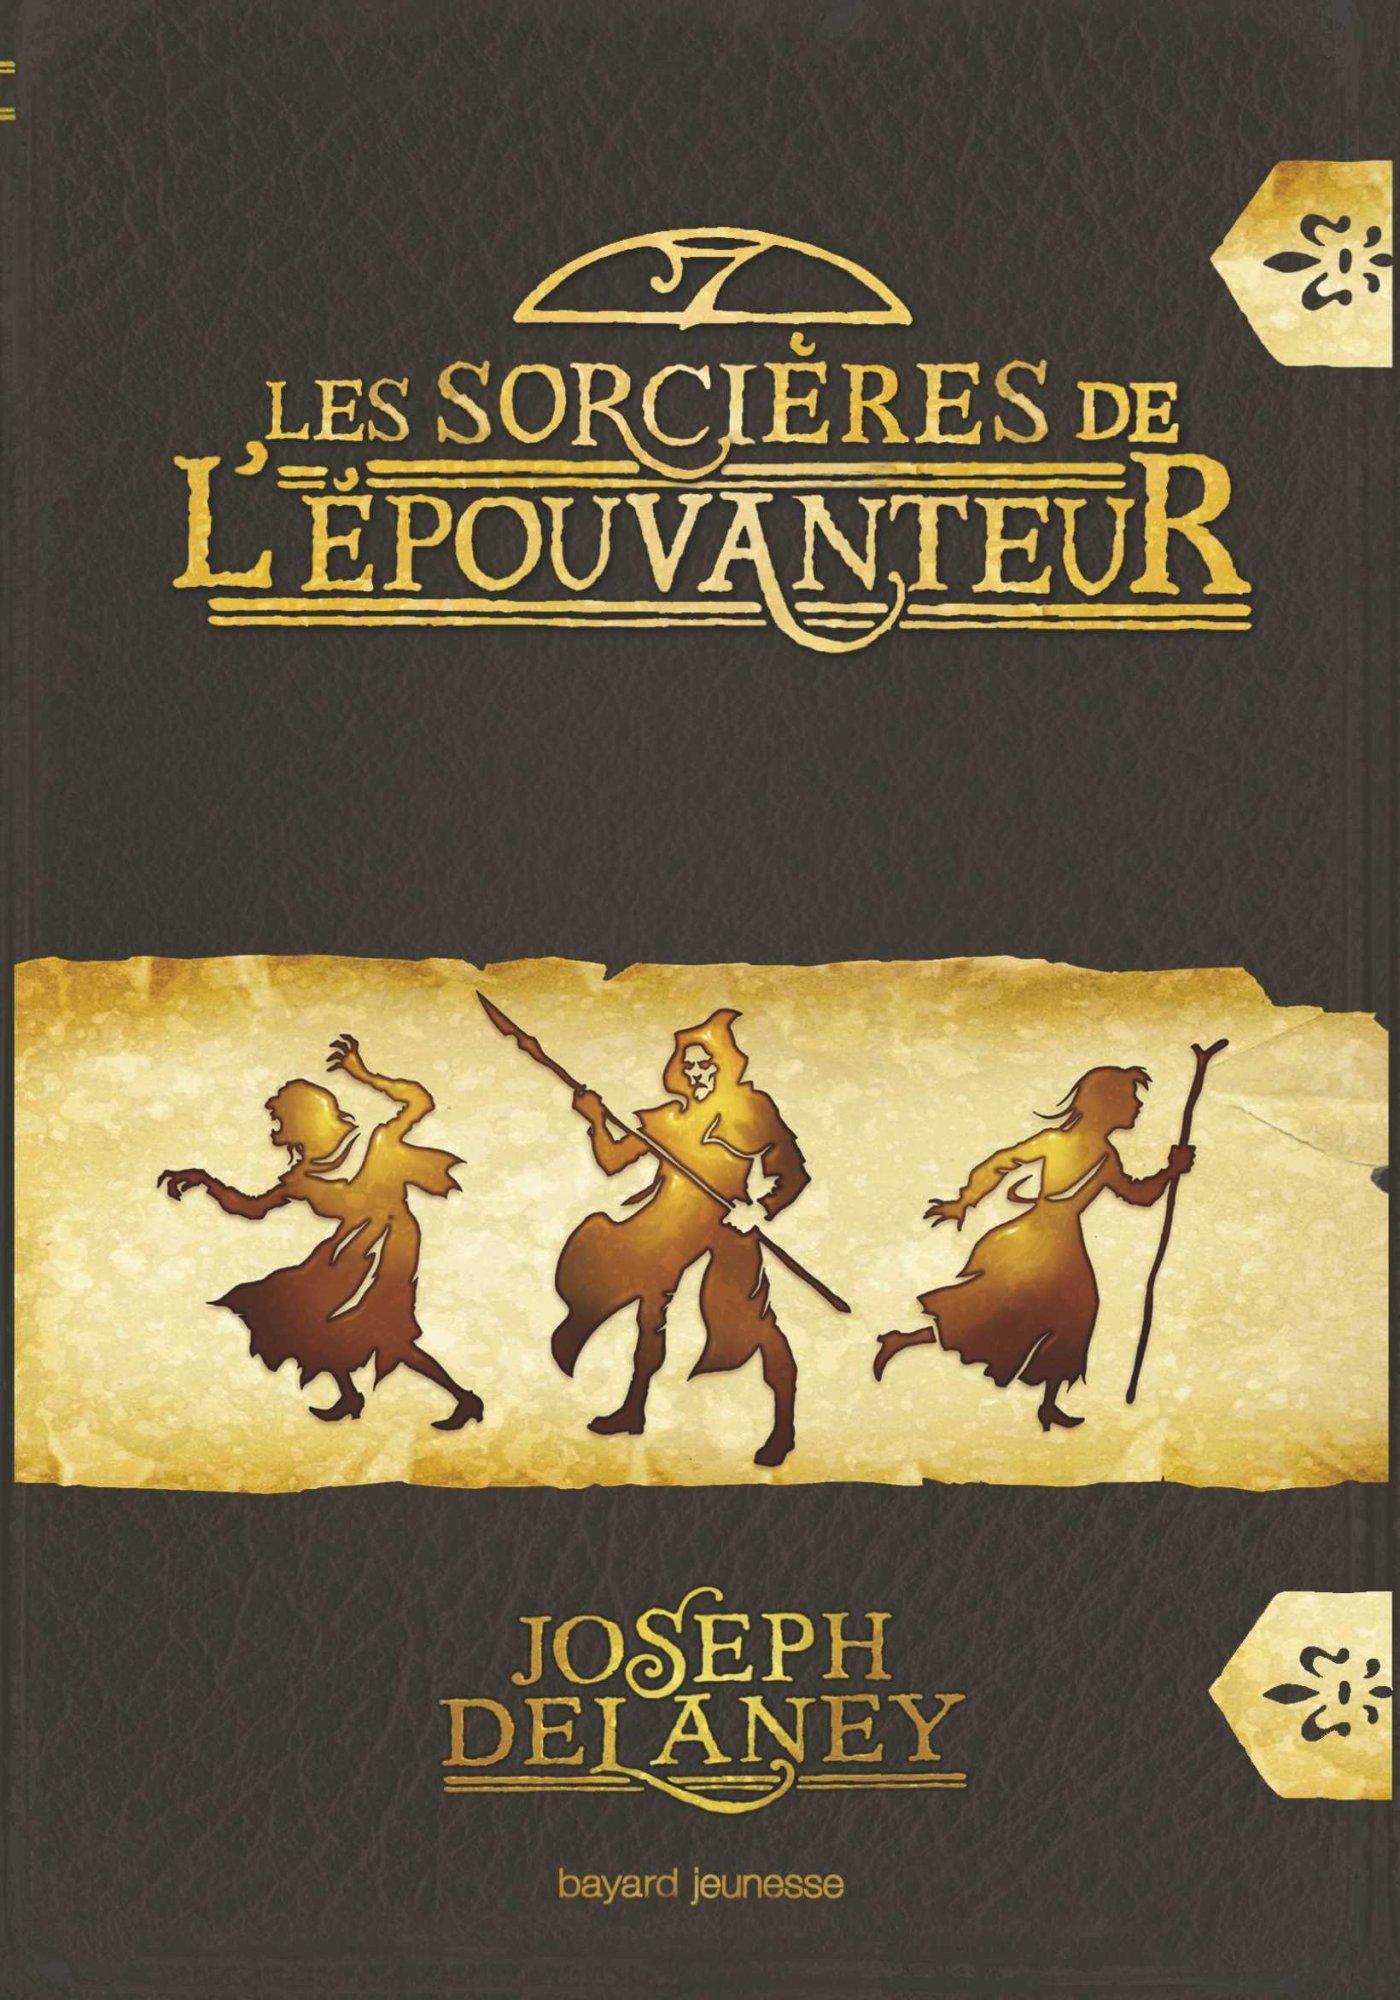 Download Wardstone Chronicles Hors-Serie/Les Sorcieres De L'Epouvanteur (French Edition) pdf